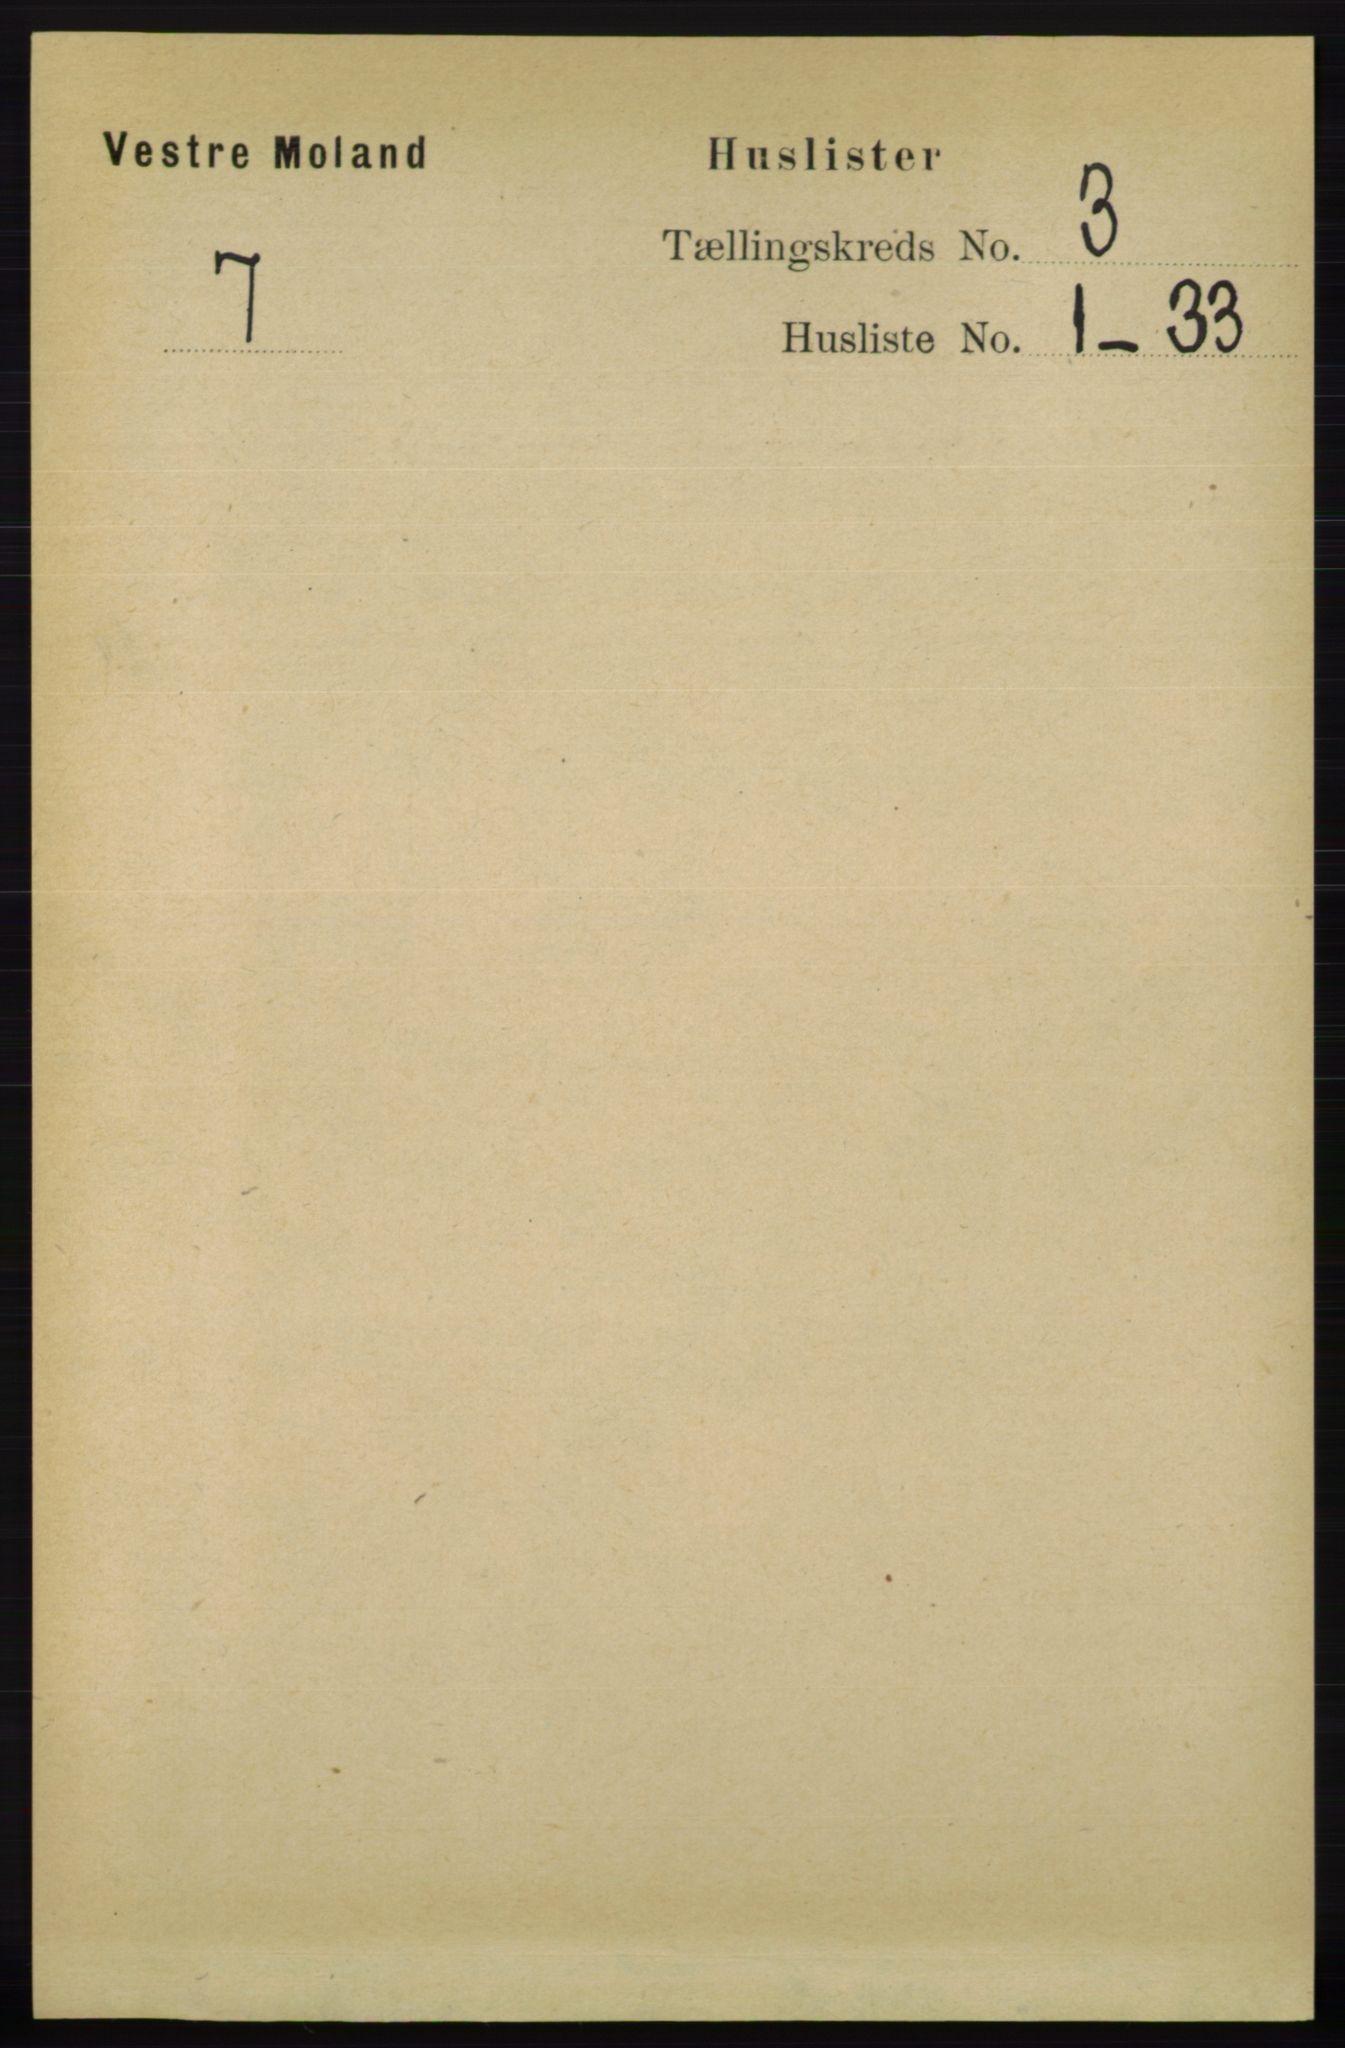 RA, Folketelling 1891 for 0926 Vestre Moland herred, 1891, s. 920